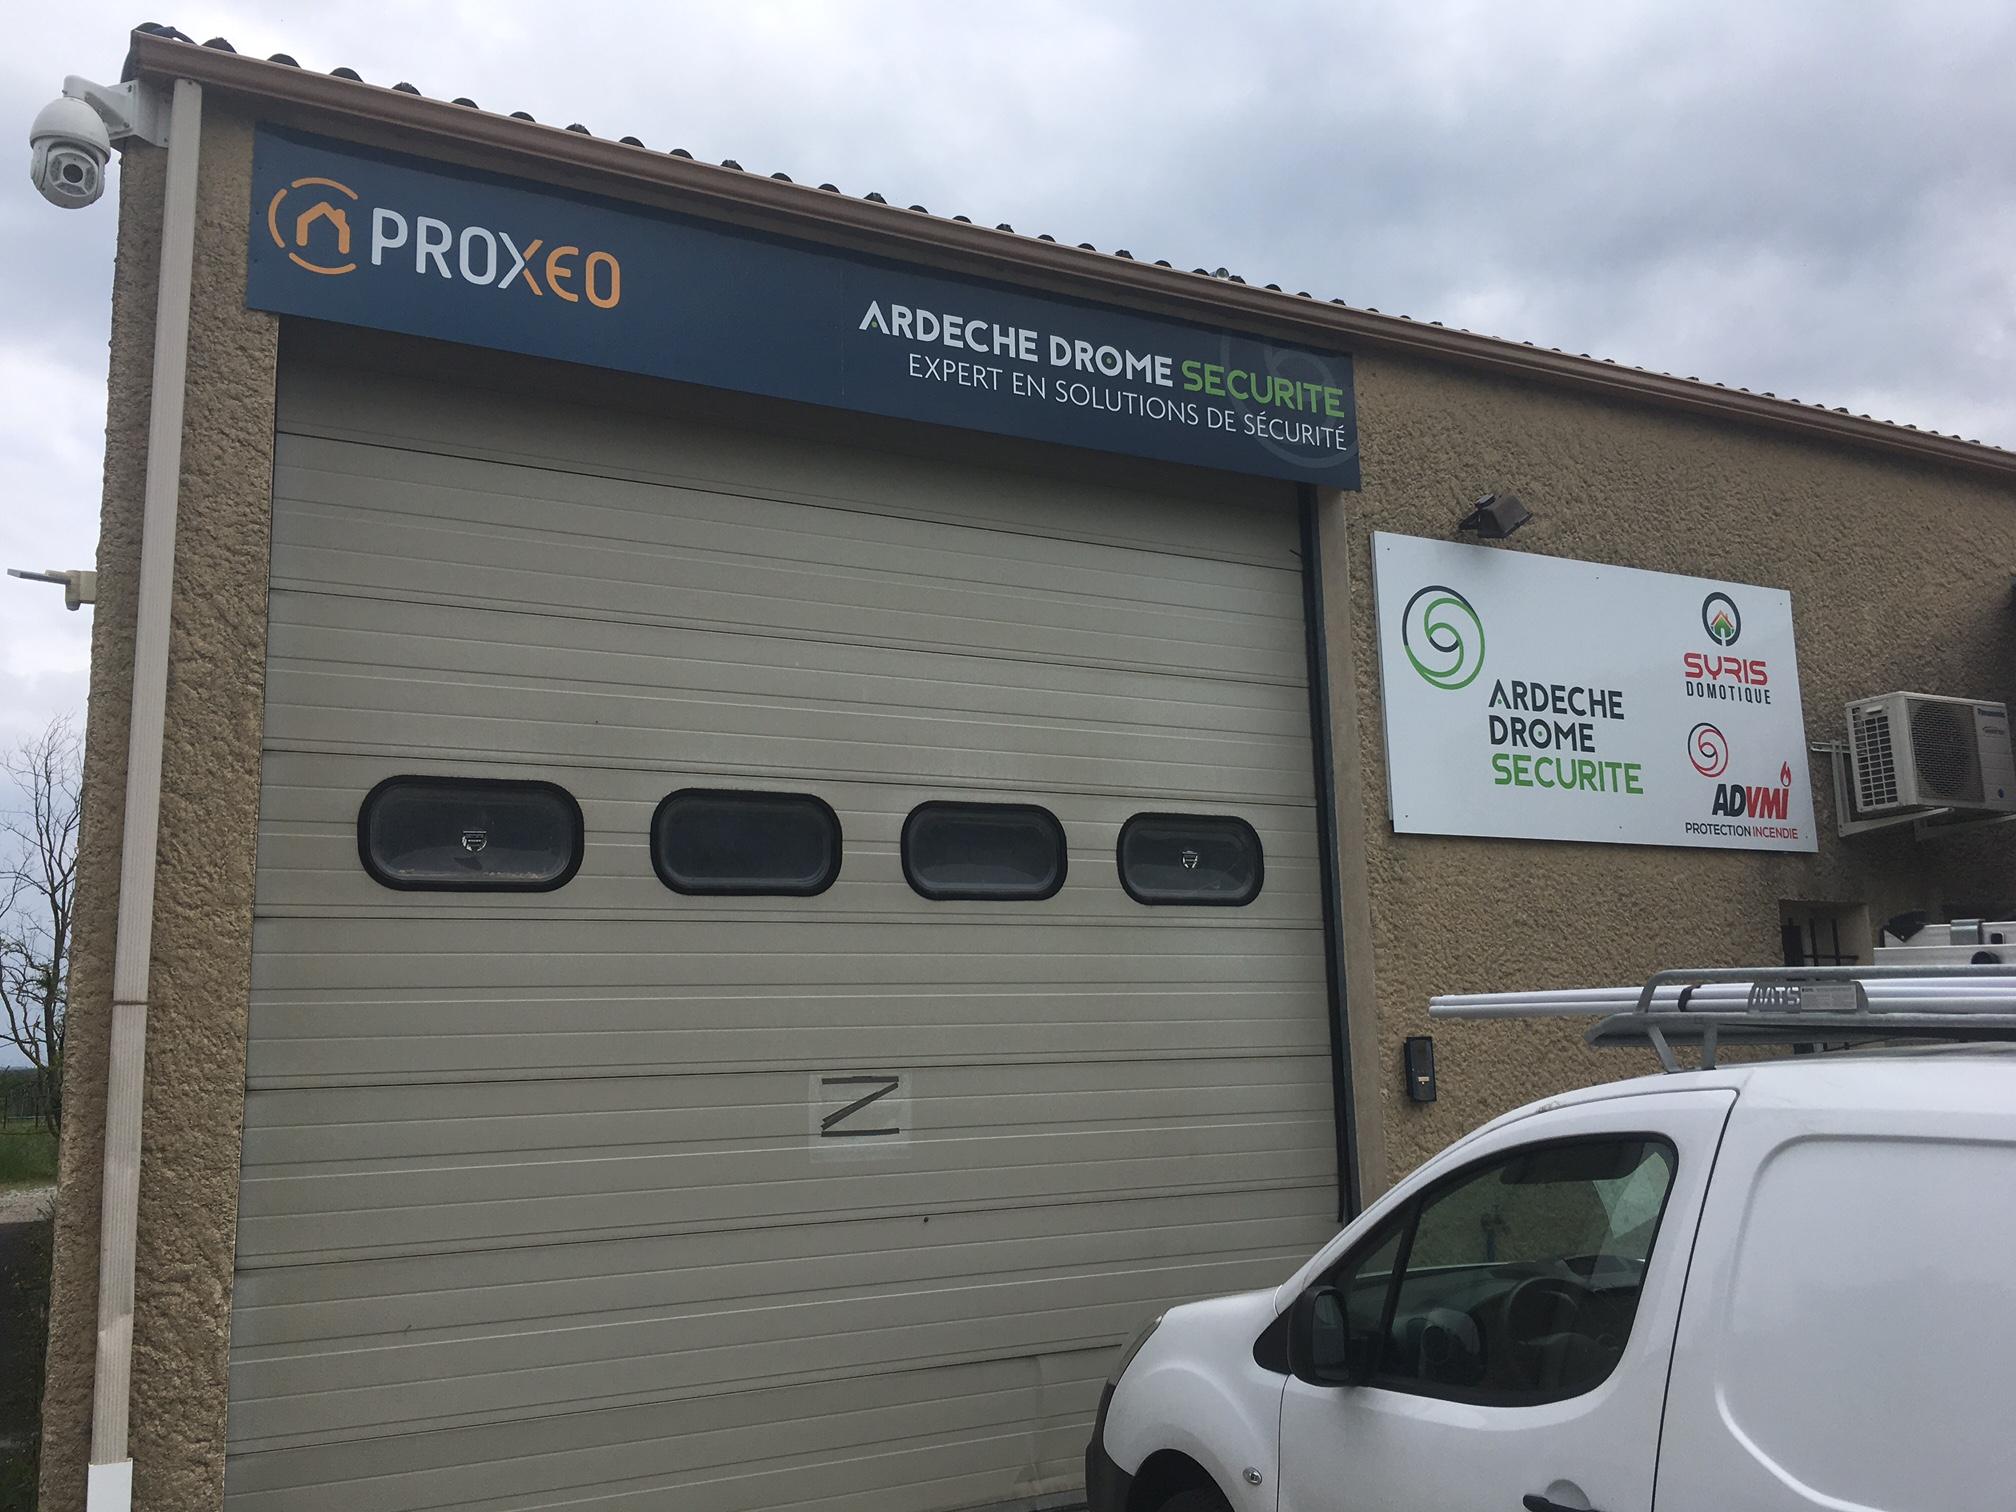 Installateur Alarme Ardèche Drome Sécurité à Saint Péray dépt 07